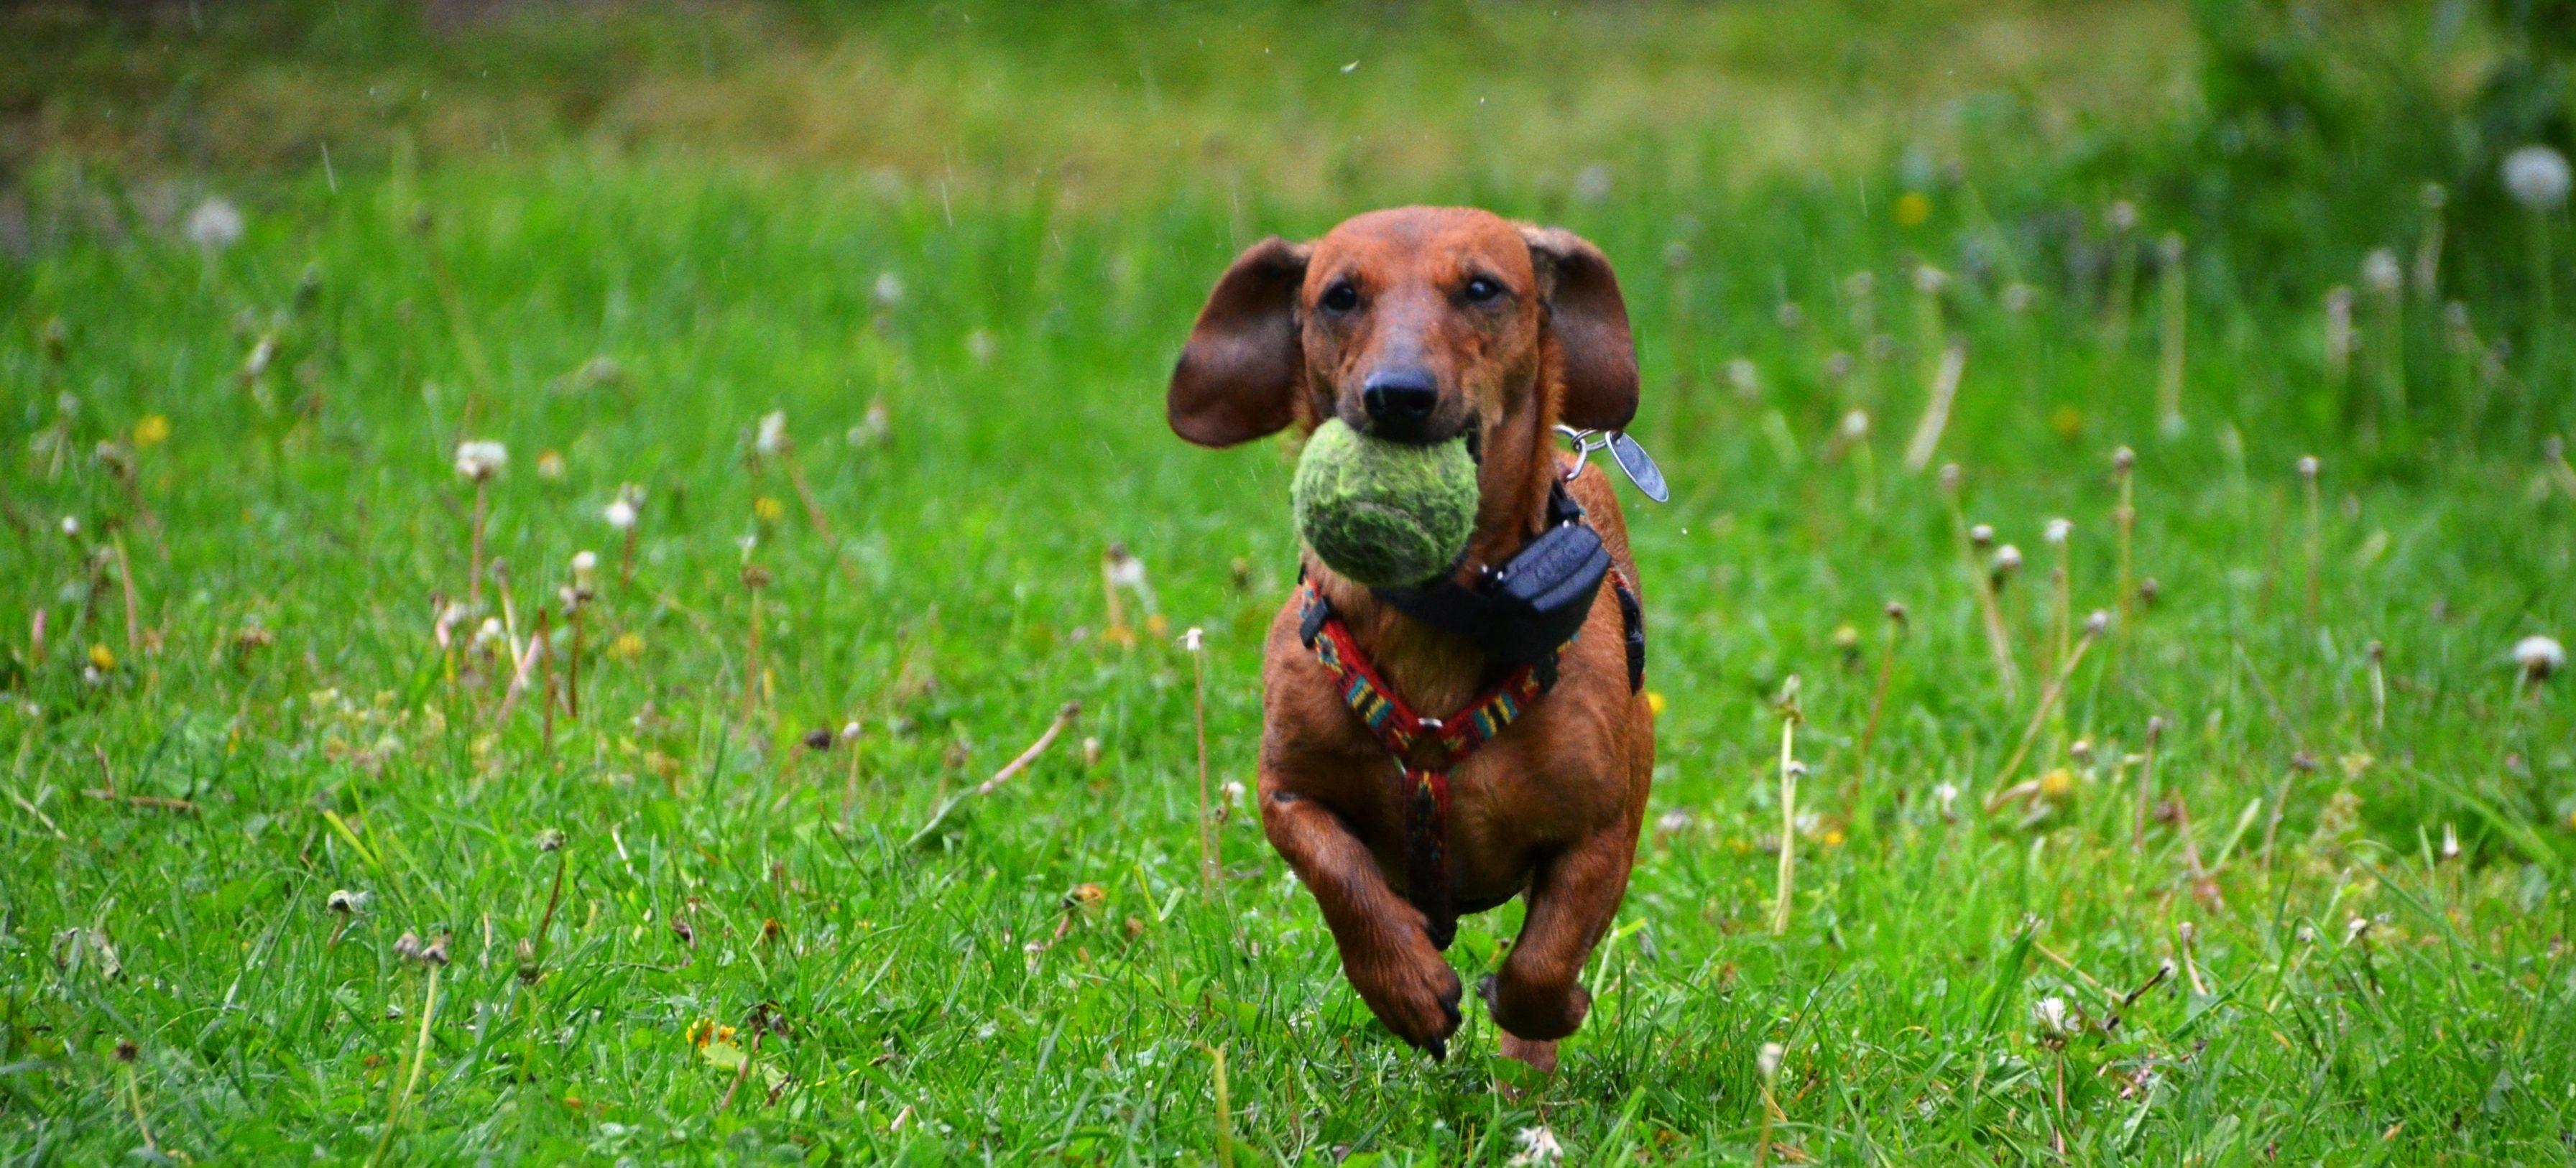 dachshund-361560-e1522254687614